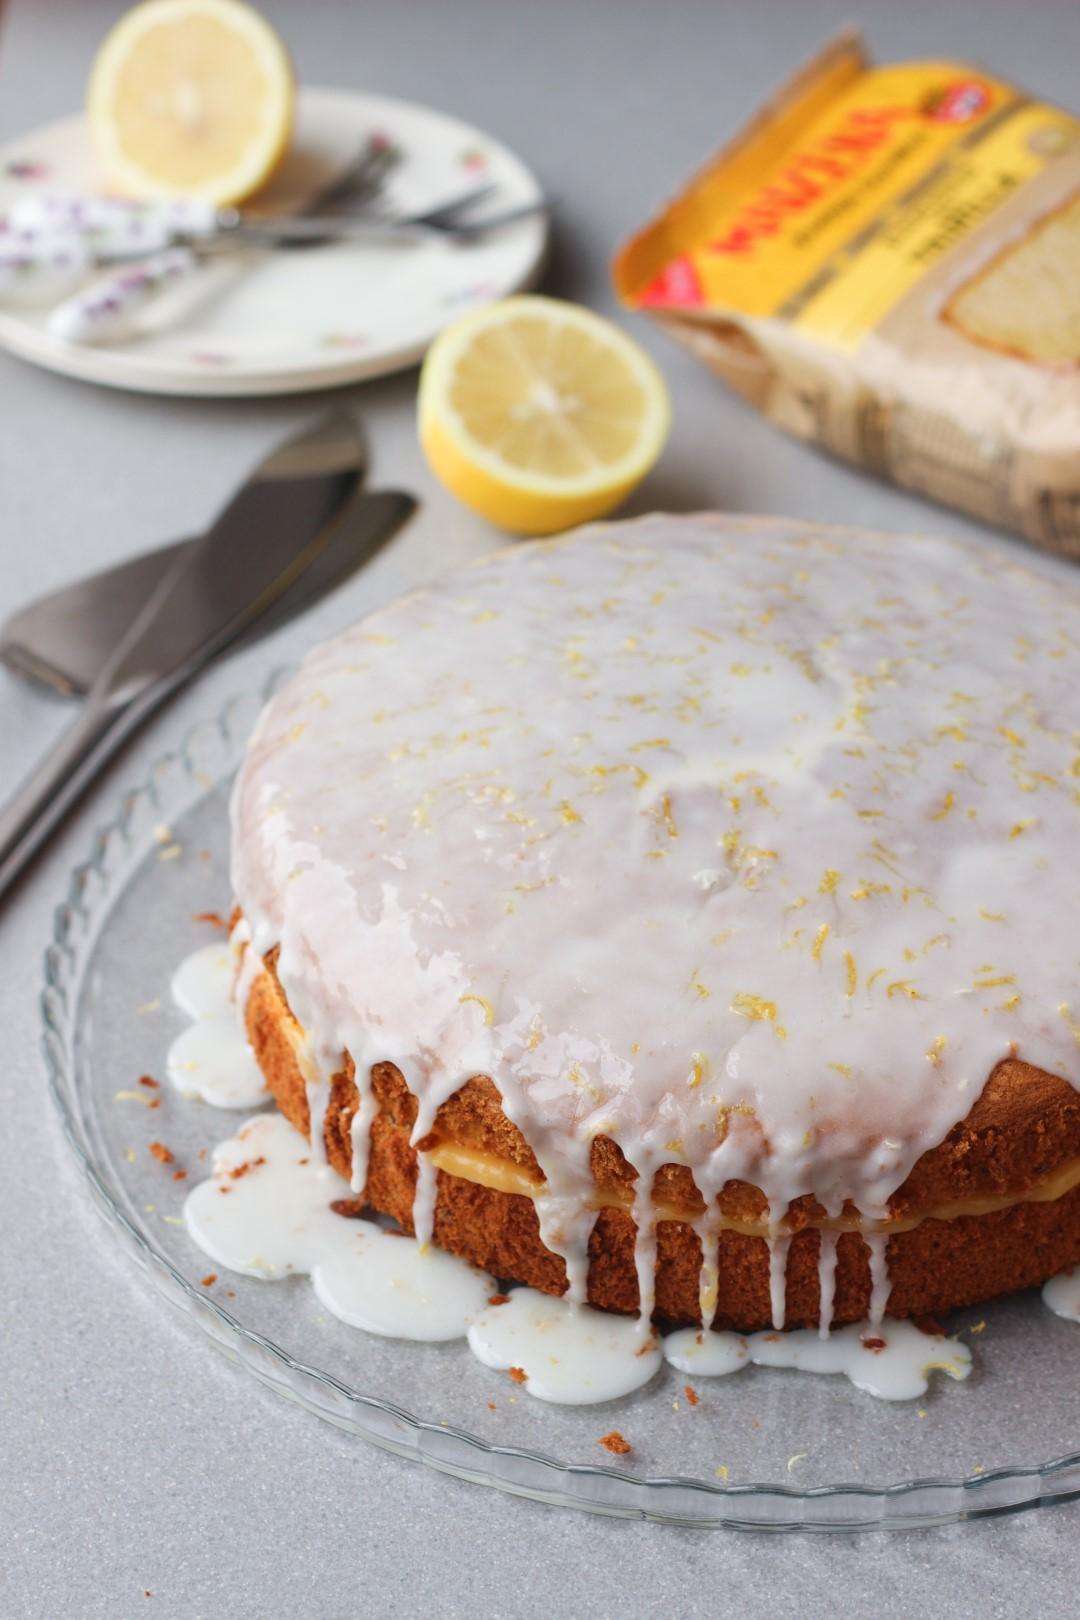 bizcochuelo de vainilla buenas semillas Maizena, receta sin gluten, receta sin tacc, apto para celíacos, torta de cumpleaños, lemon curd.